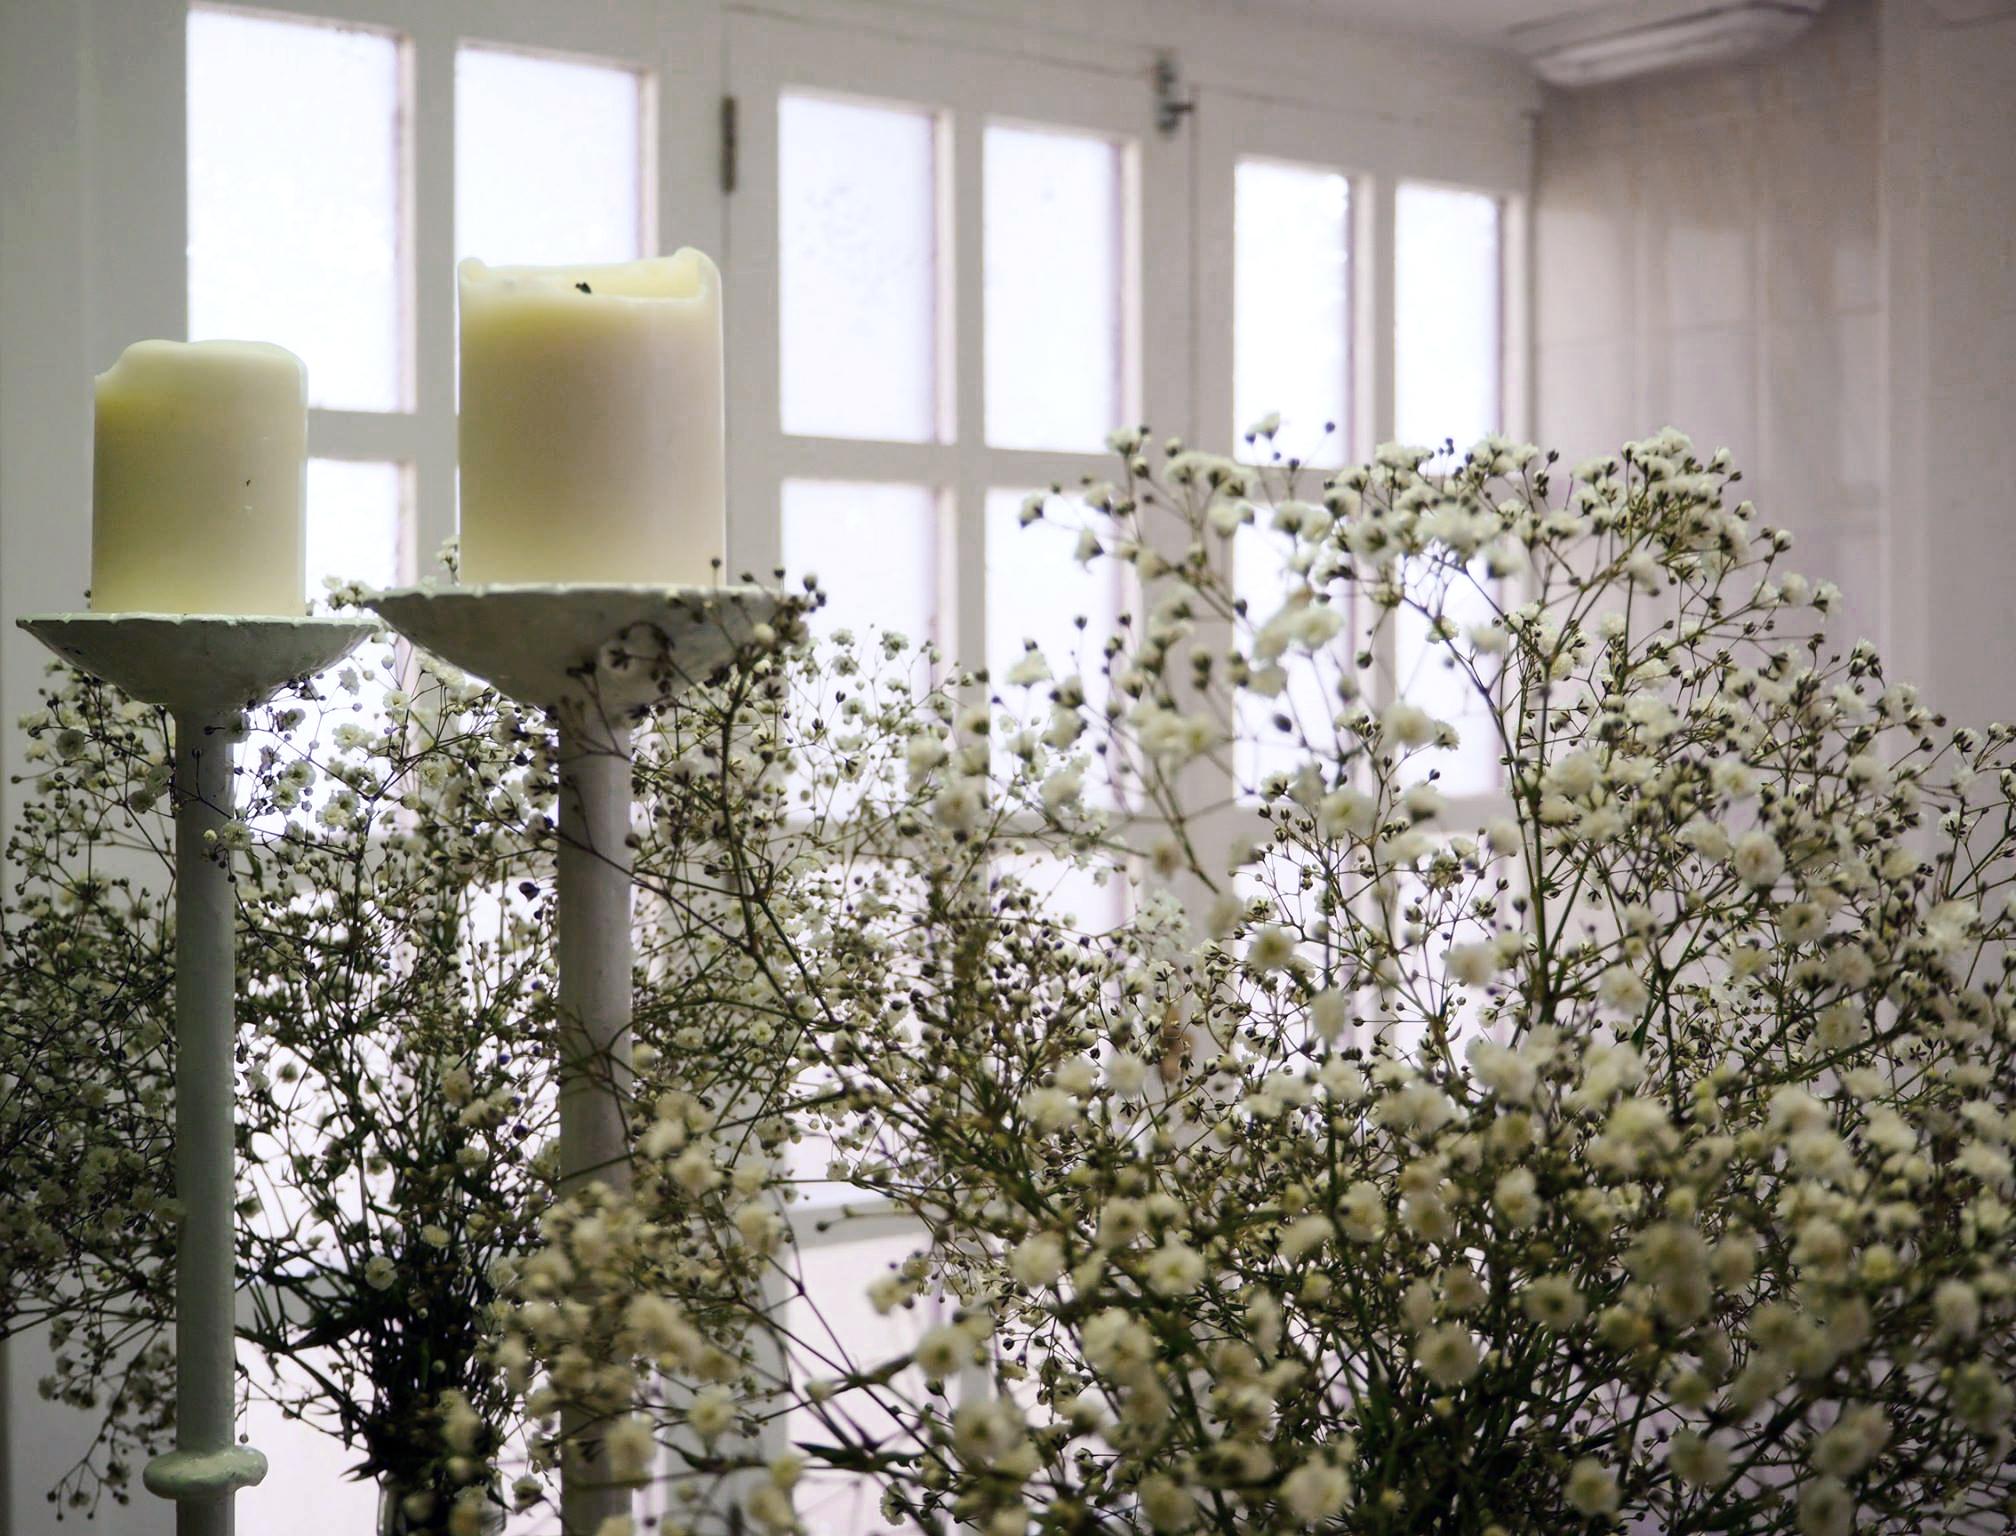 deguayhaus-interior-design-19